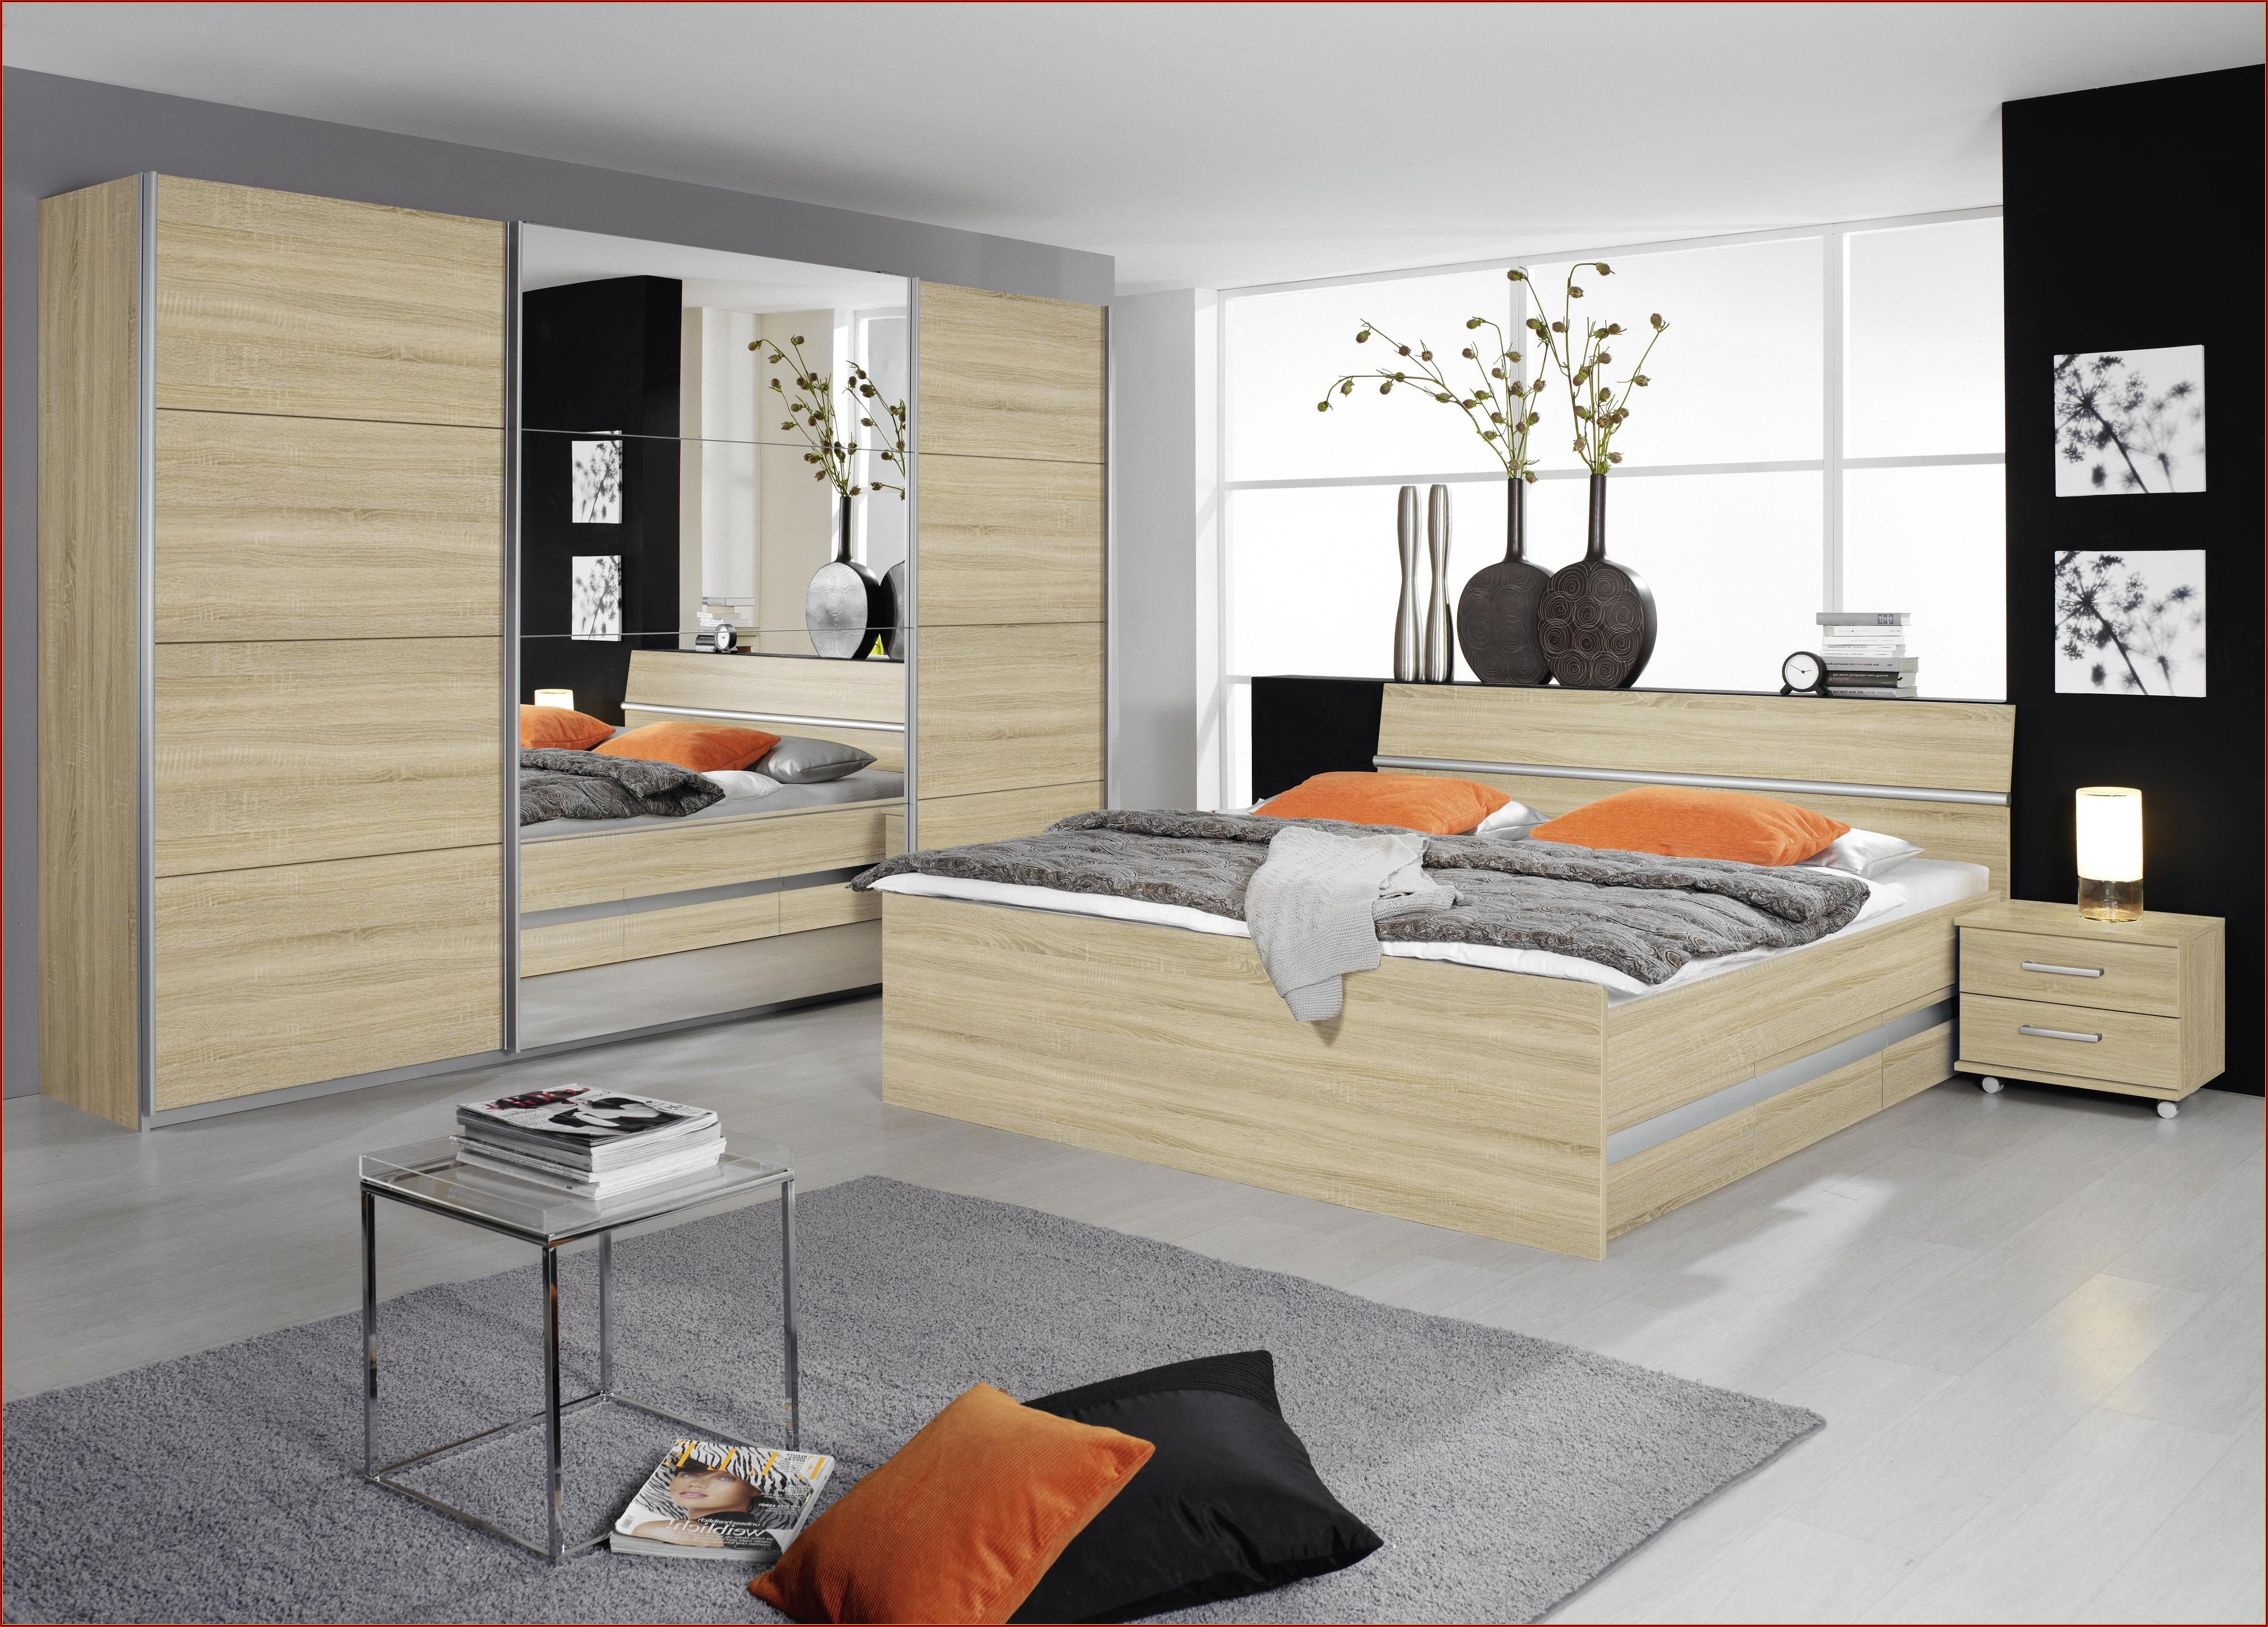 Ikea Schlafzimmer Komplett Günstig - schlafzimmer : House ...